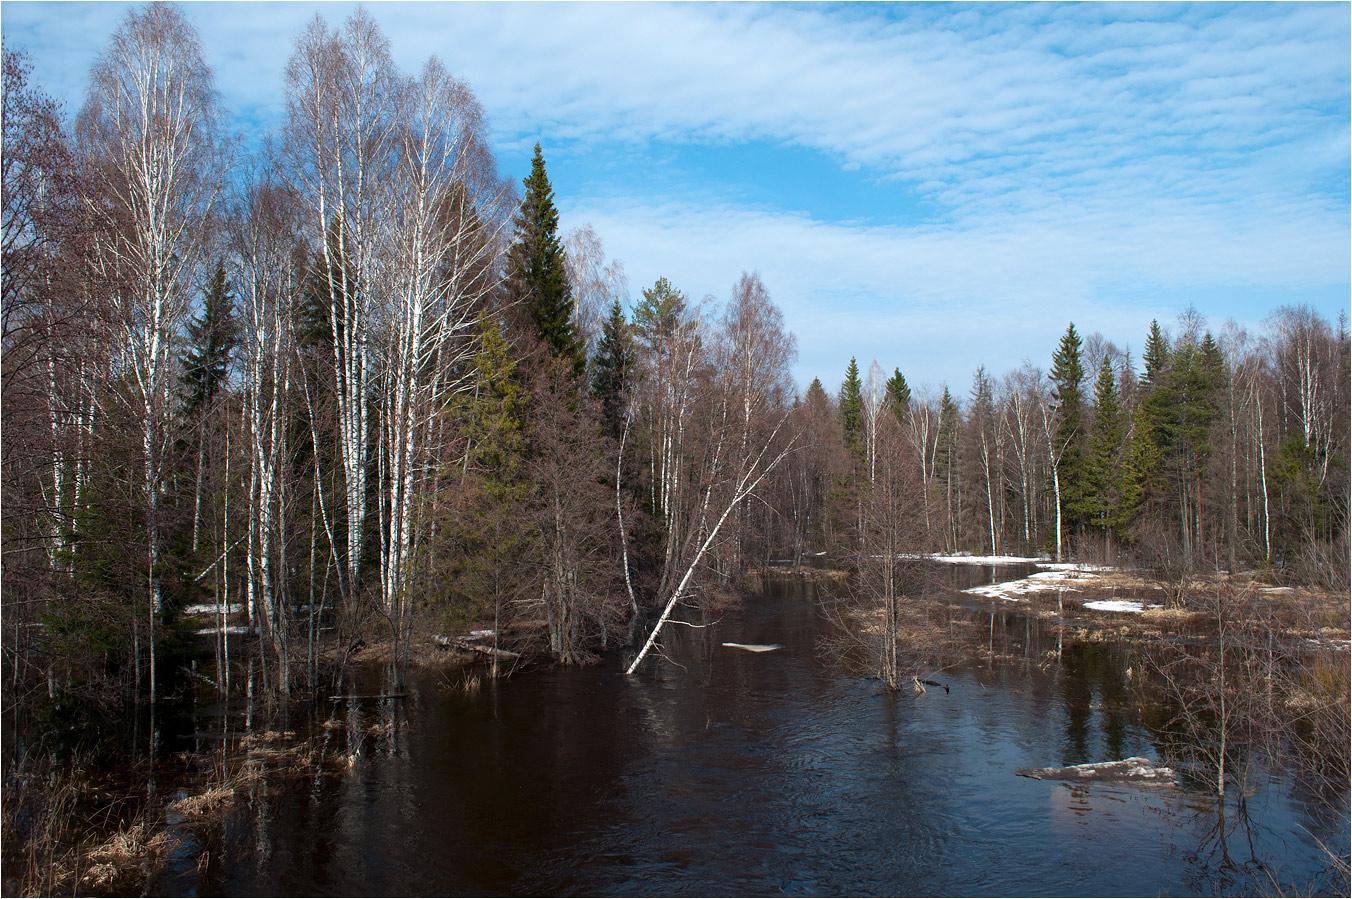 """фото """"Пробуждение"""" метки: пейзаж, березы, весна, вода, лес, облака, разлив, река"""